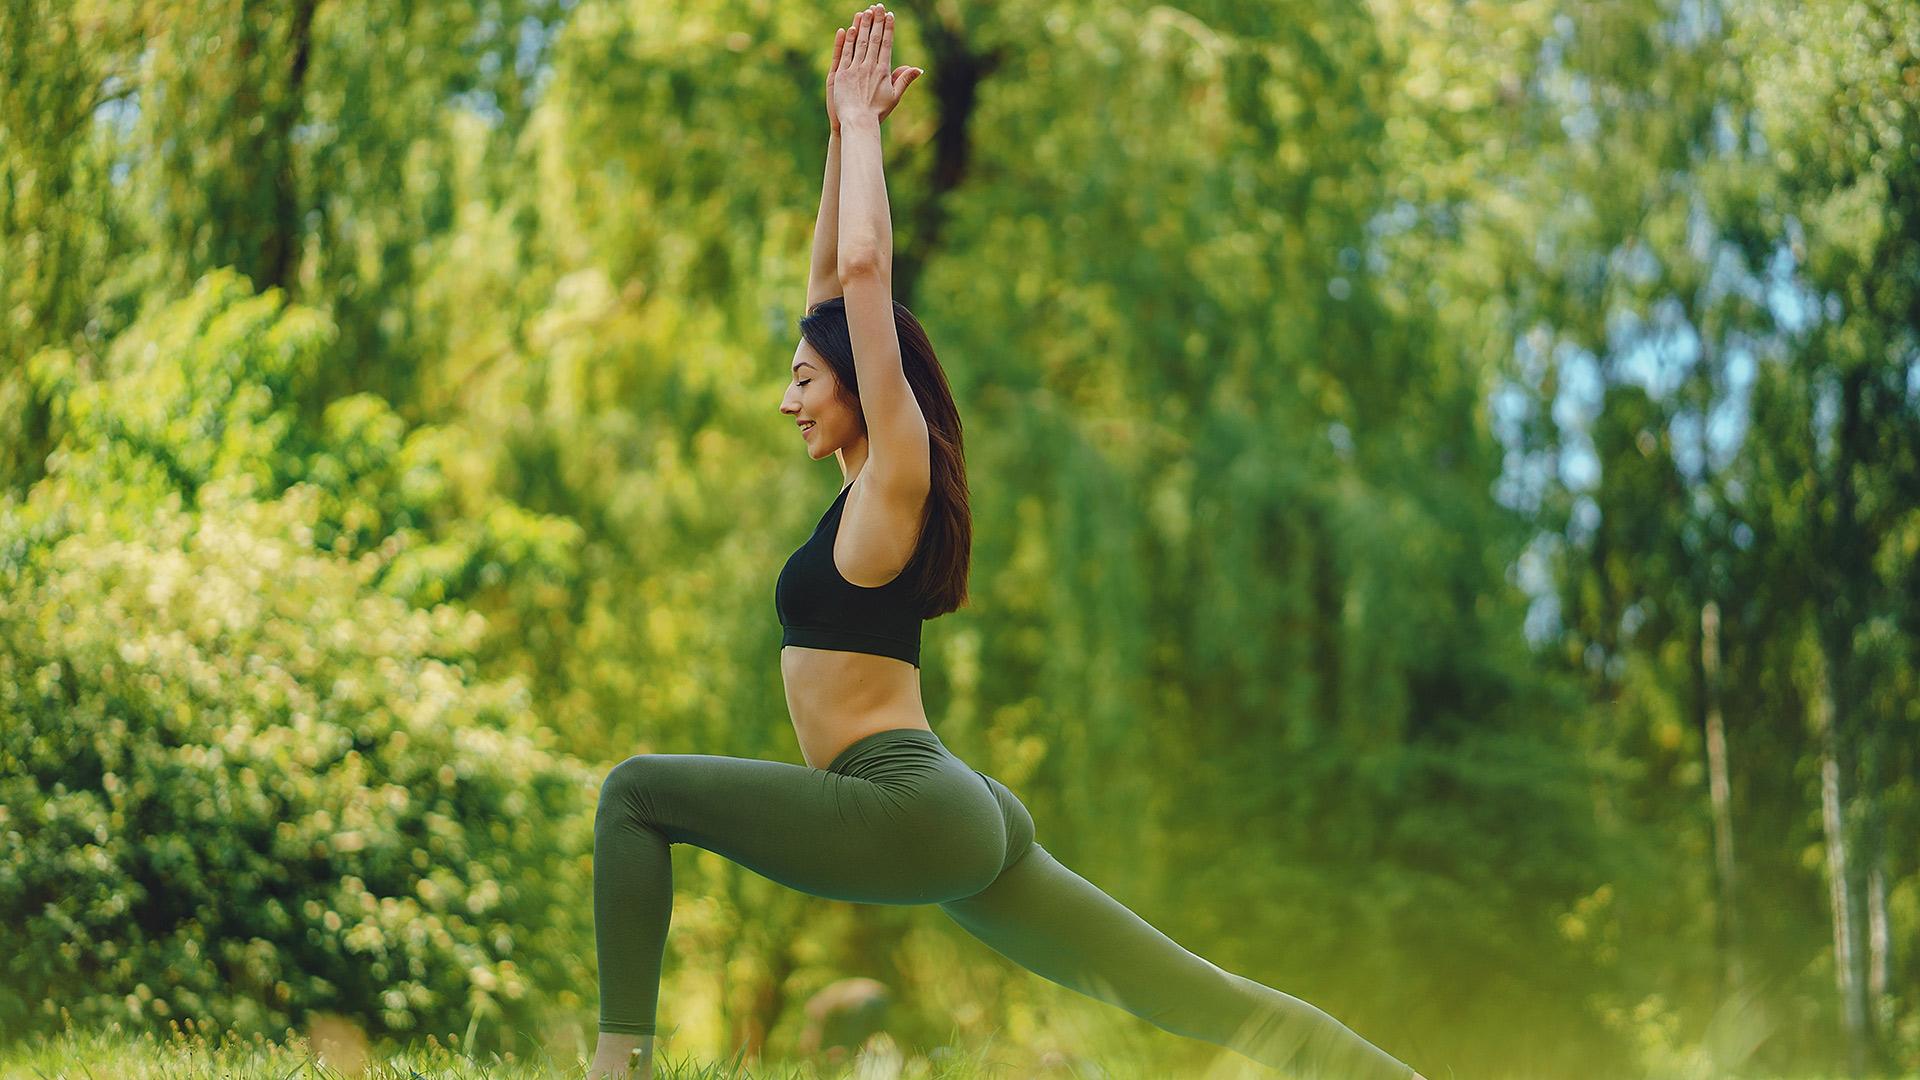 girl-practicing-yoga-BU7CPRW